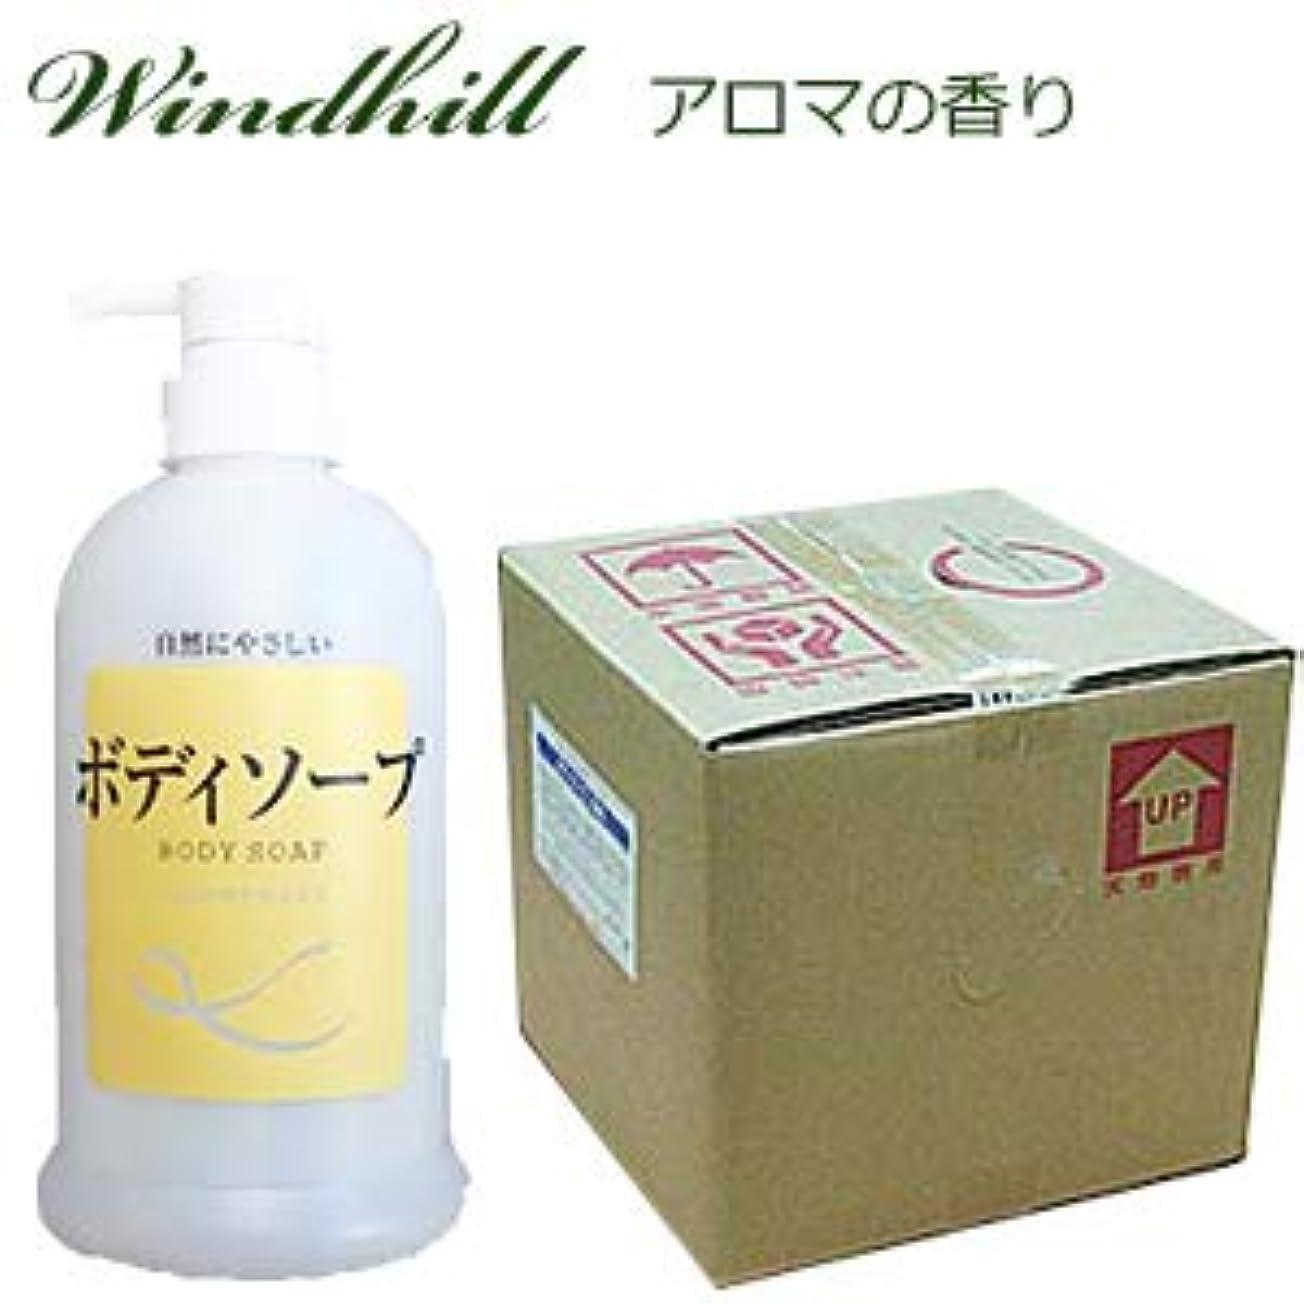 肖像画かなり広告するなんと! 500ml当り188円 Windhill 植物性業務用 ボディソープ  紅茶を思うアロマの香り 20L